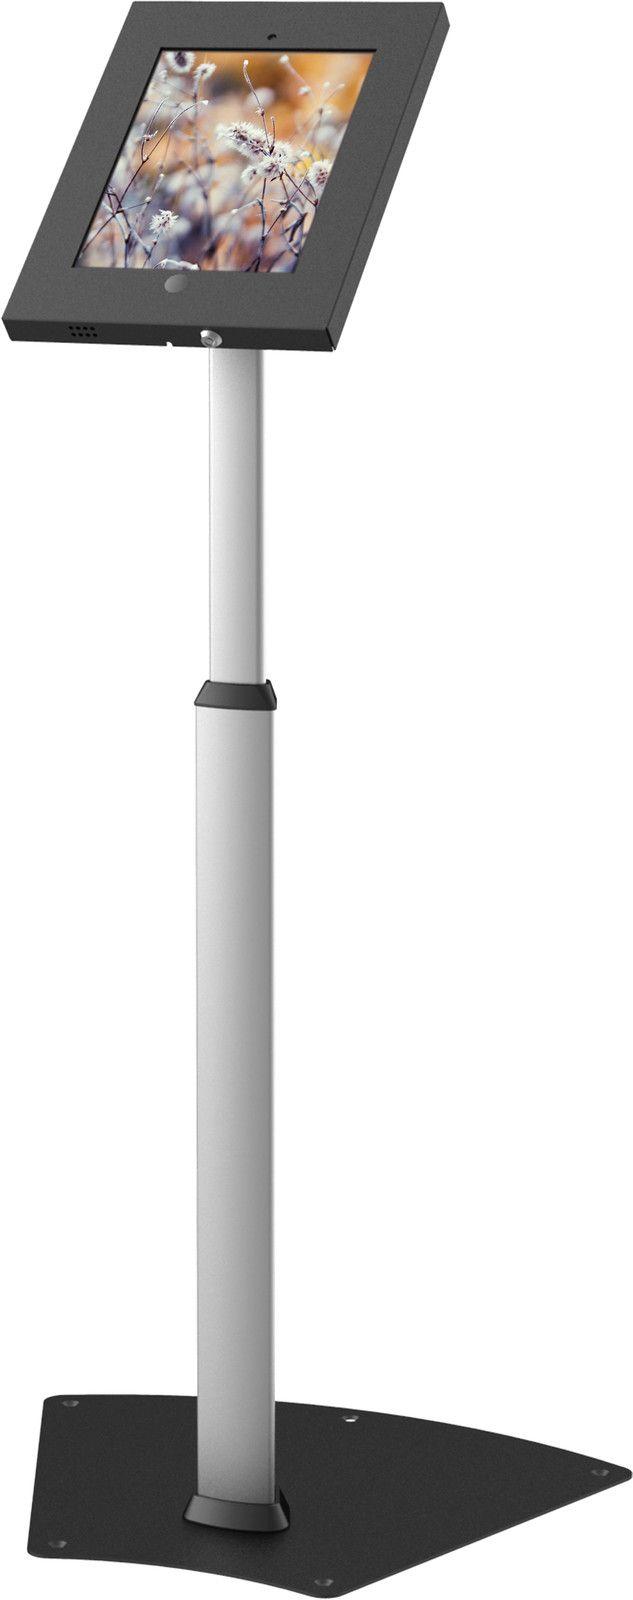 Epzi Golvstativ Med Lås (iPad)